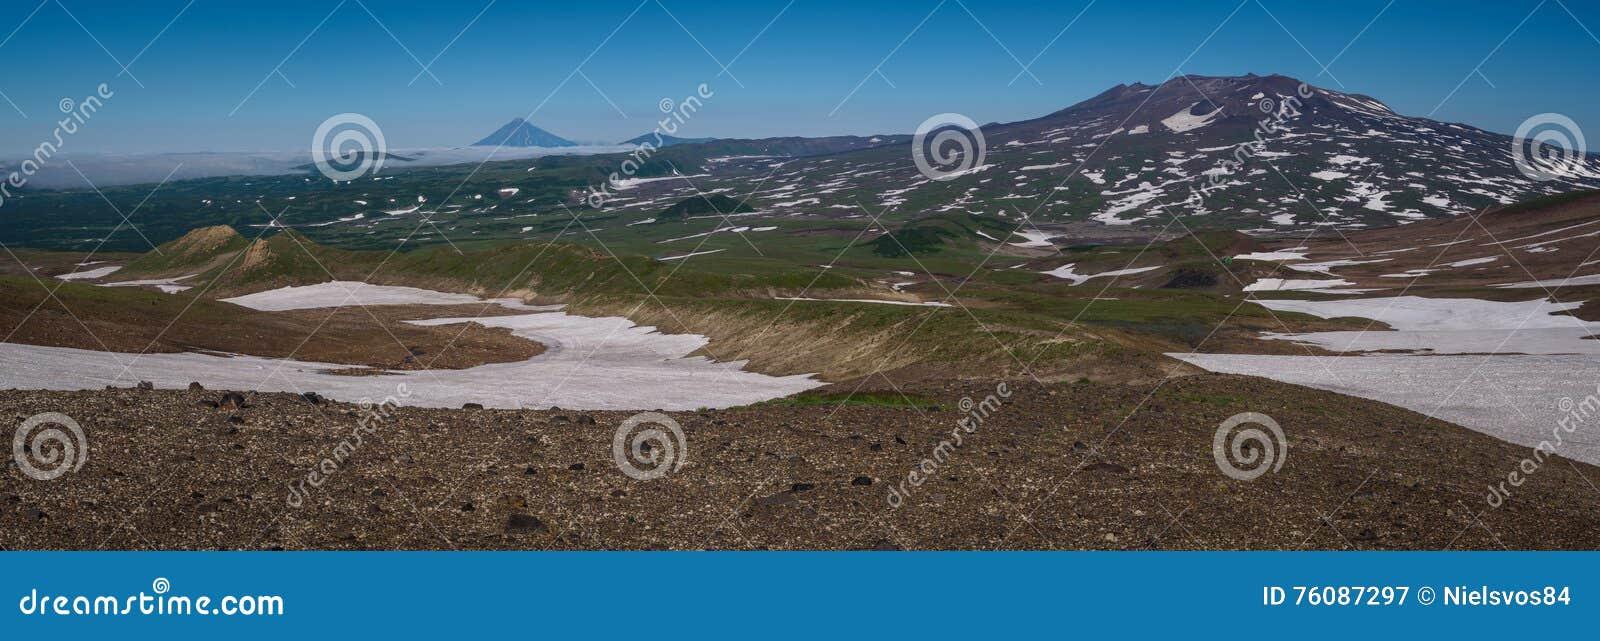 Vue sur les montagnes autour du volcan de Mutnovsky